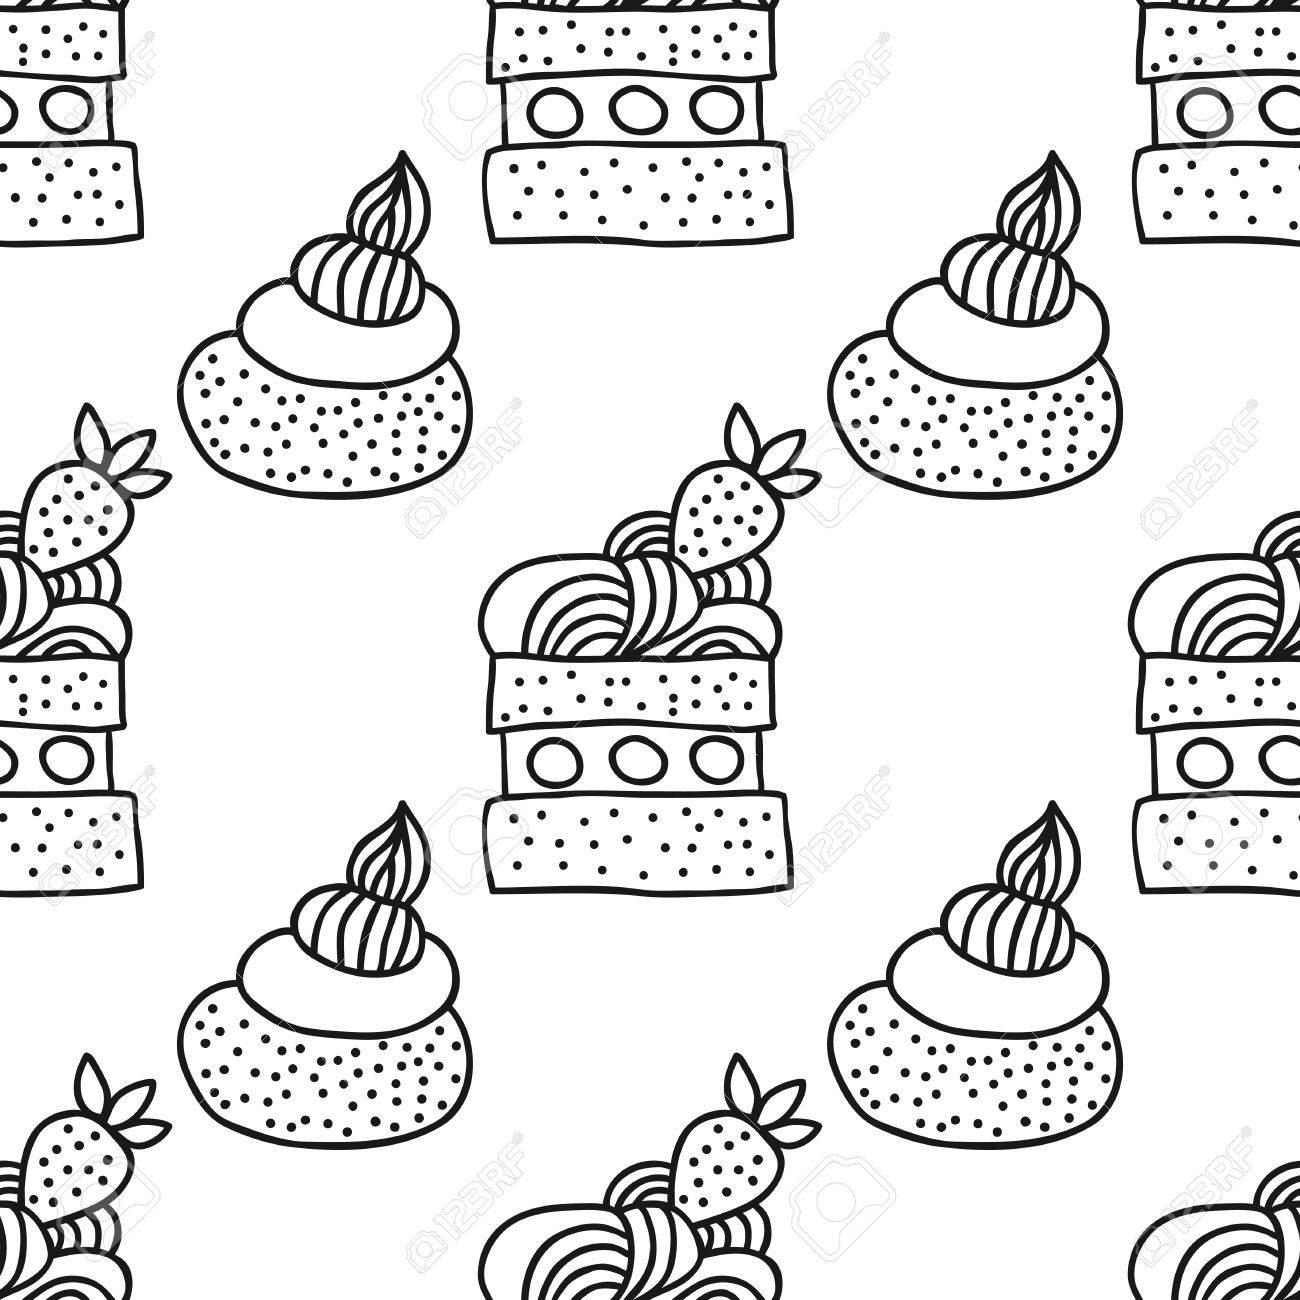 Süße Dessert Illustration. Schwarz-Weiß-nahtlose Muster Mit Kuchen ...